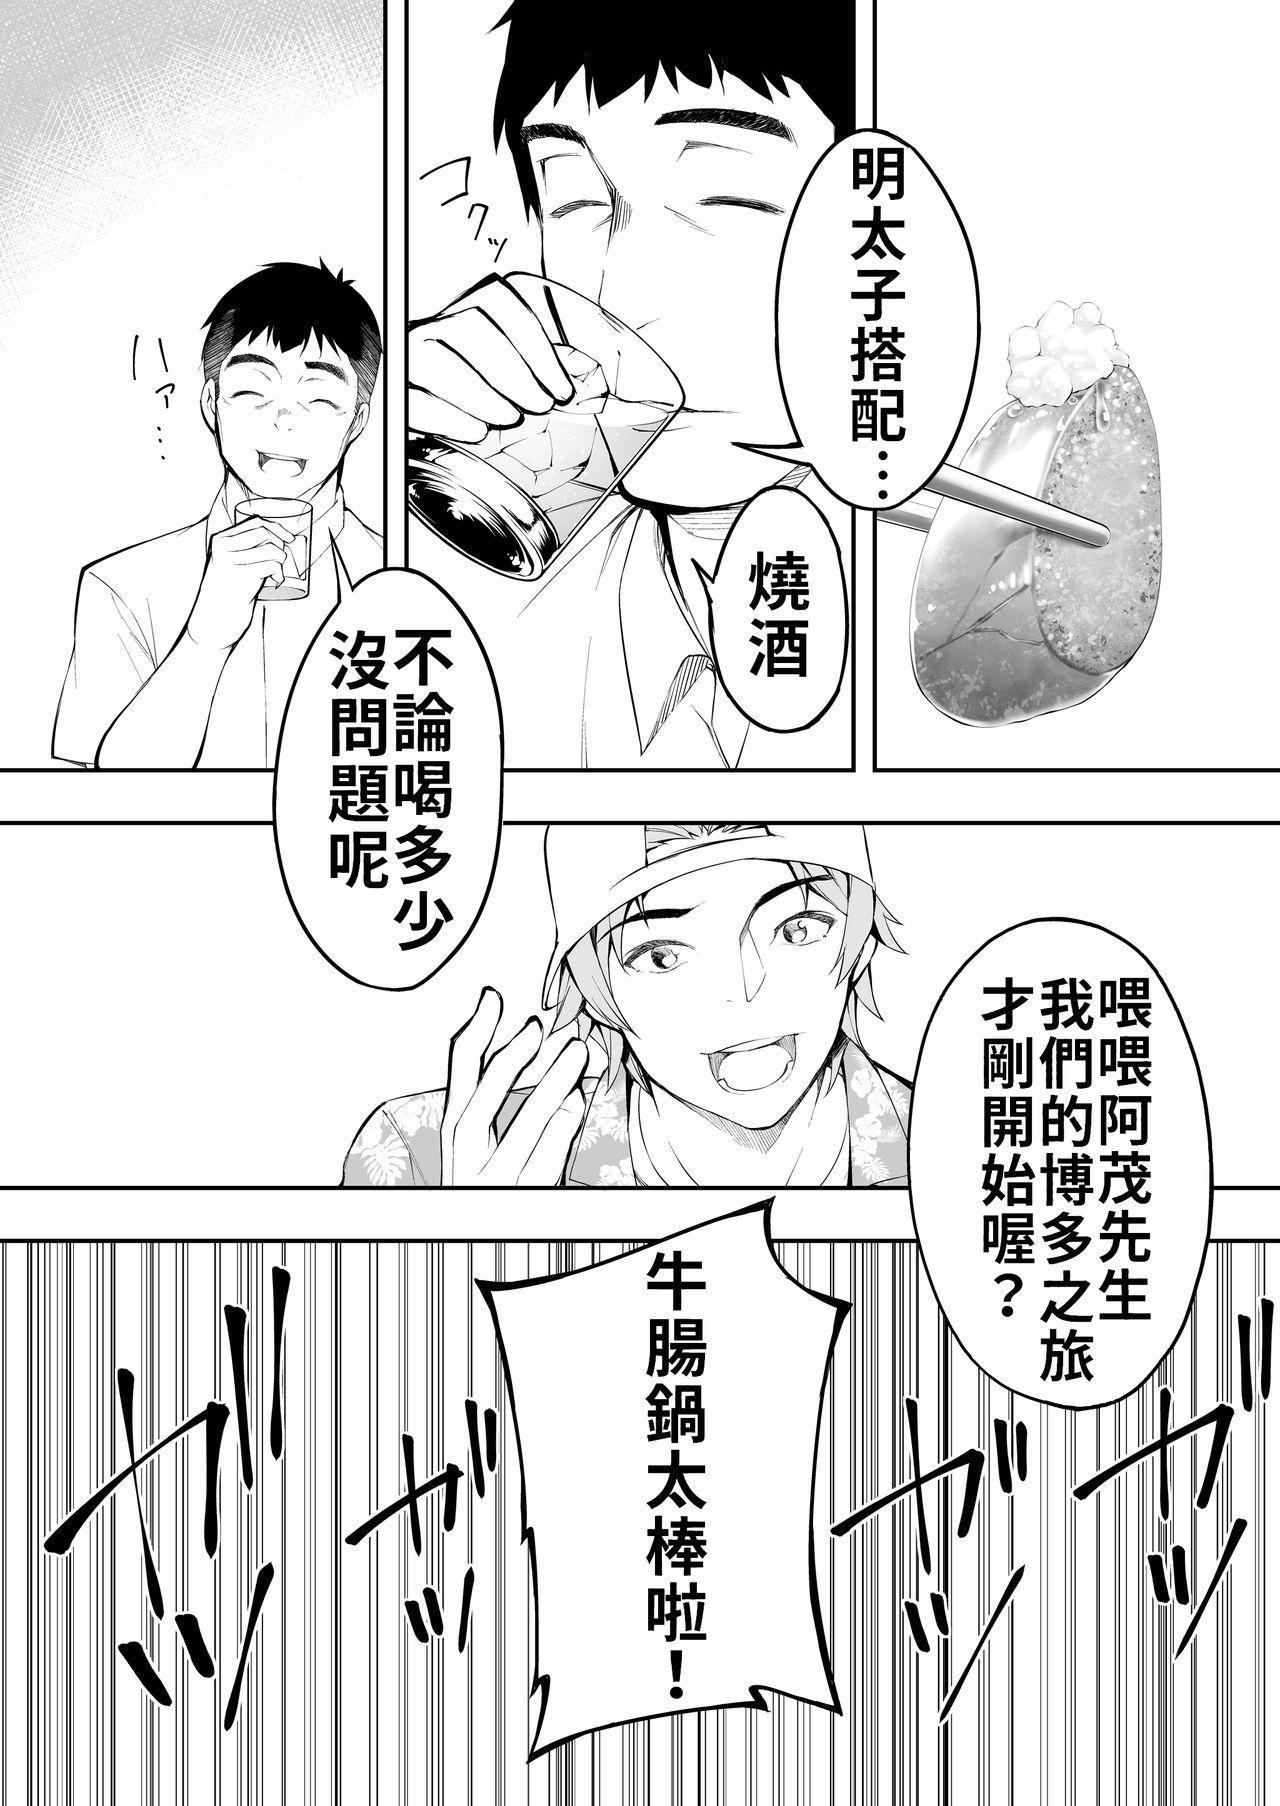 Panpan Travelers Hakata Shuudan Rape Ryokou | 吃飯兼炒飯TRAVELERS~博多集團強●旅行 17